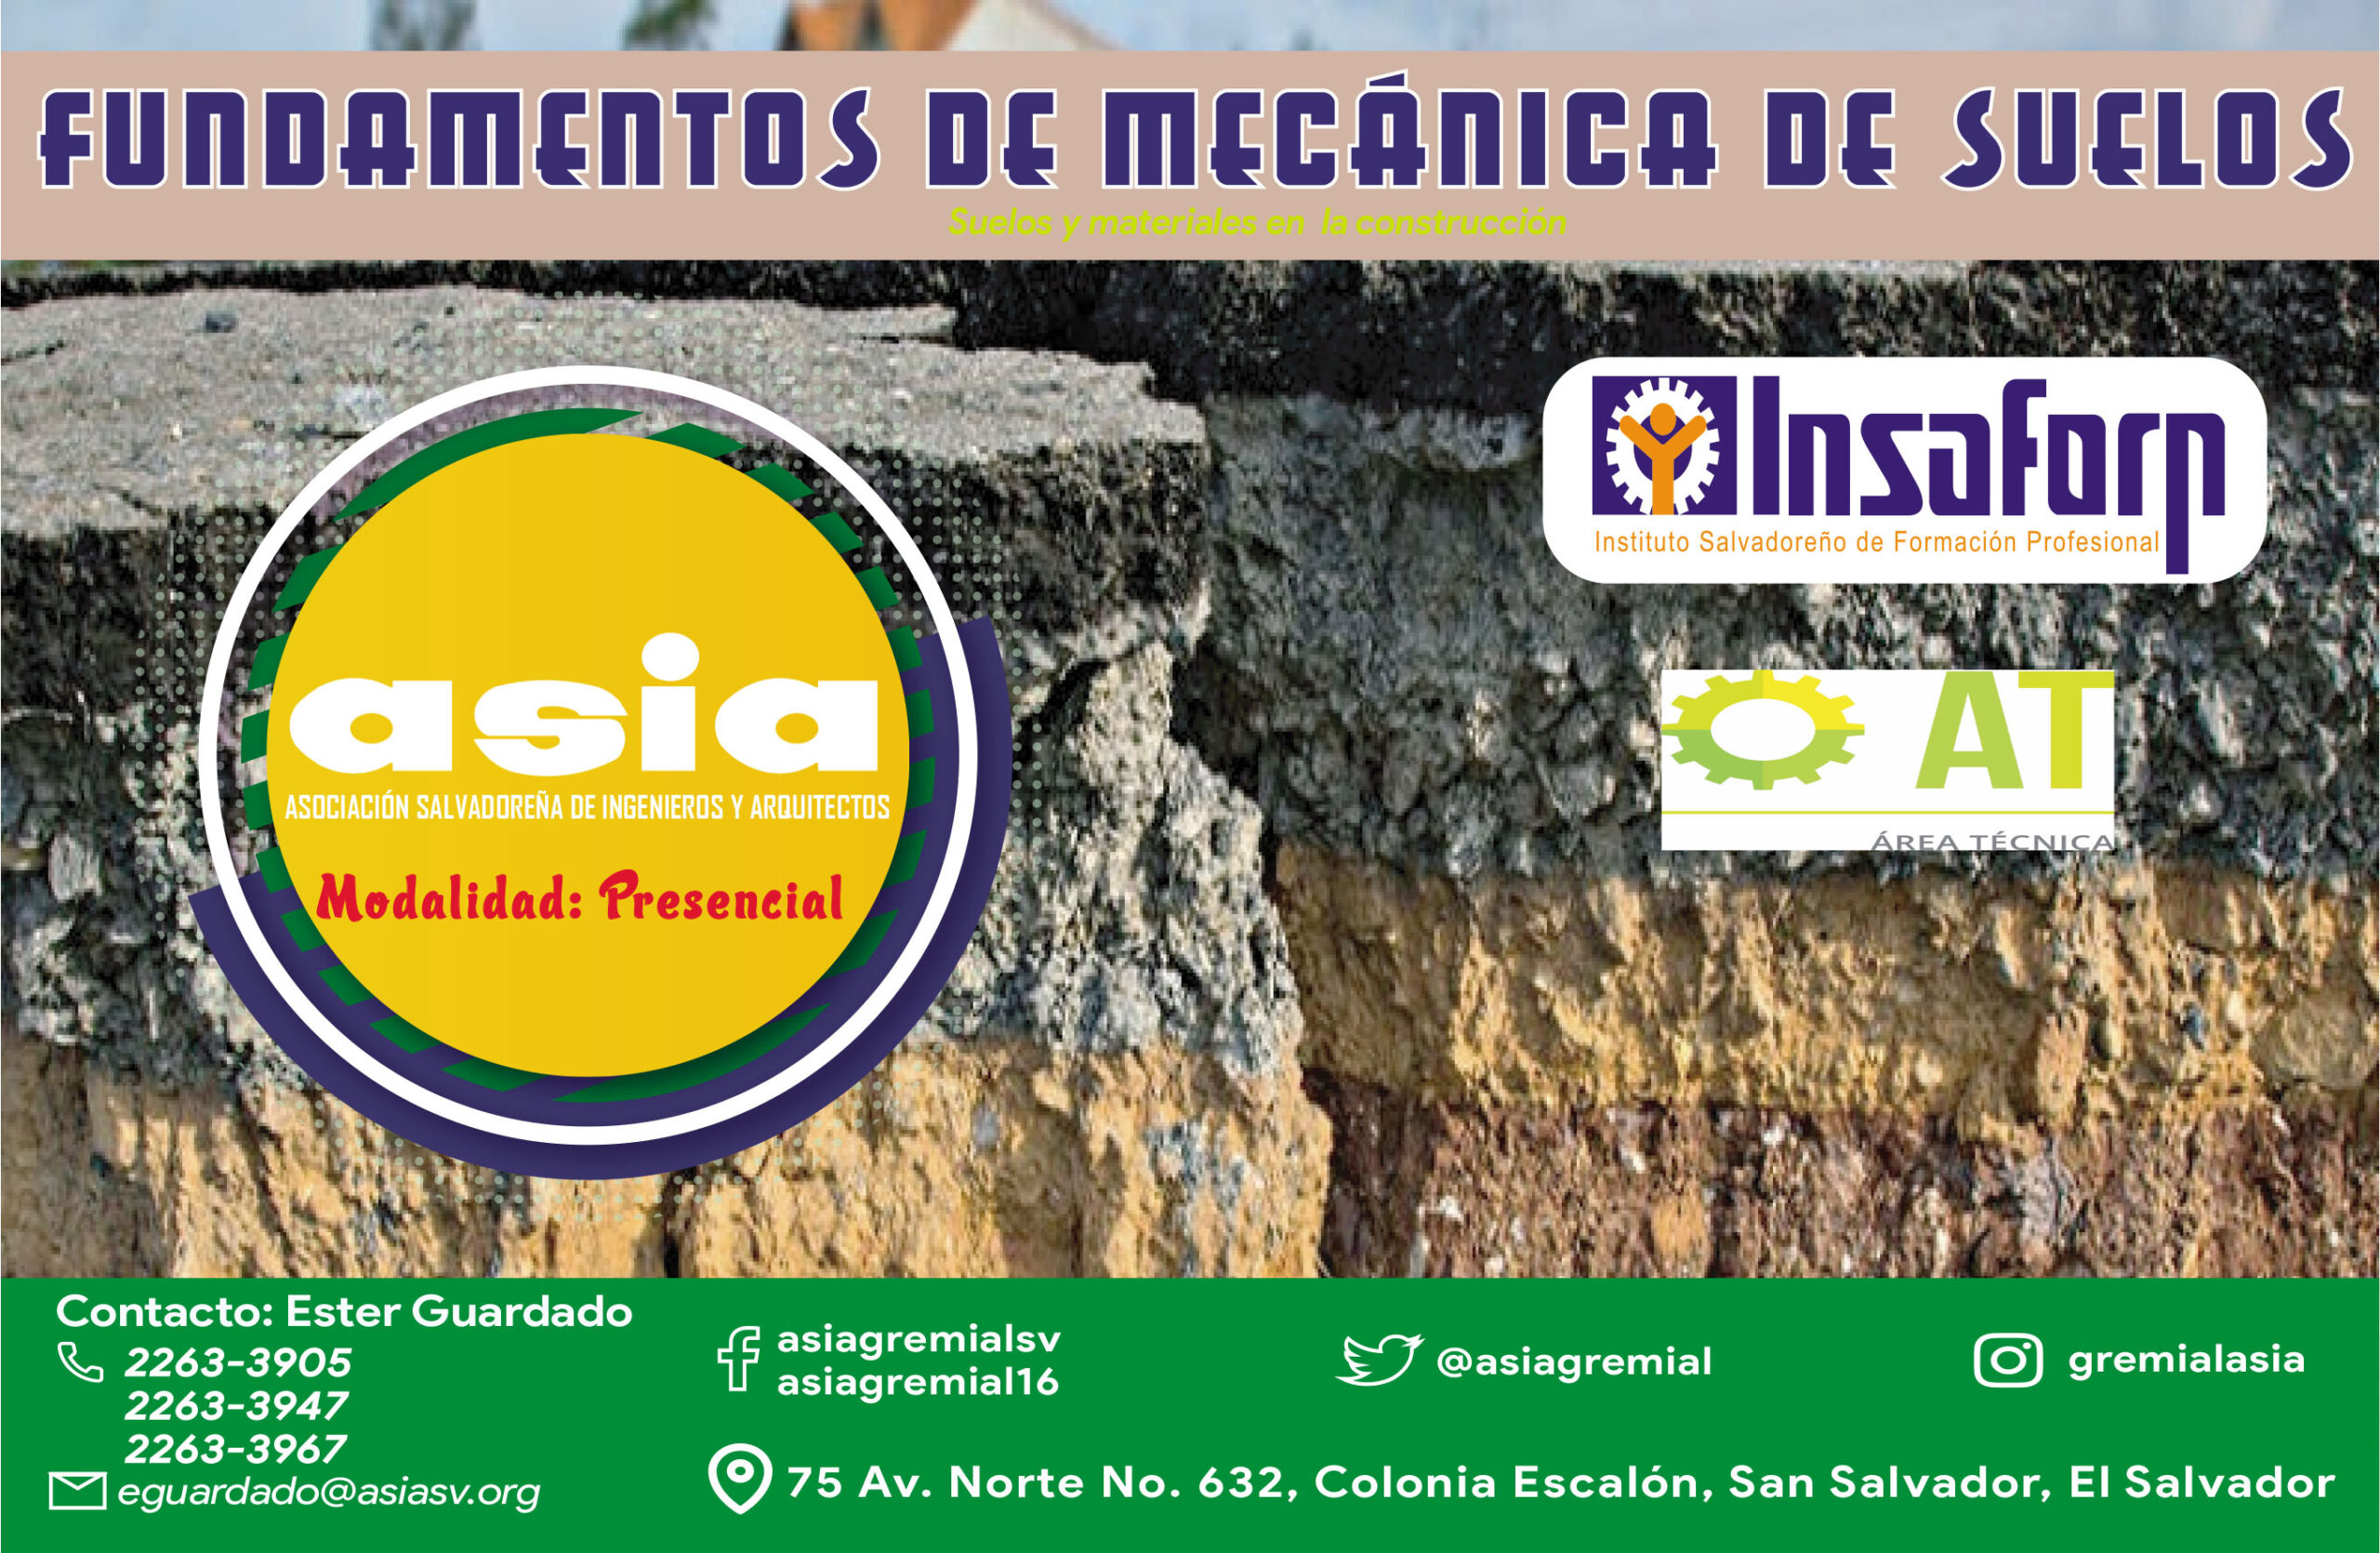 202106 Fundamentos de mecánica de suelos – Modalidad Presencial